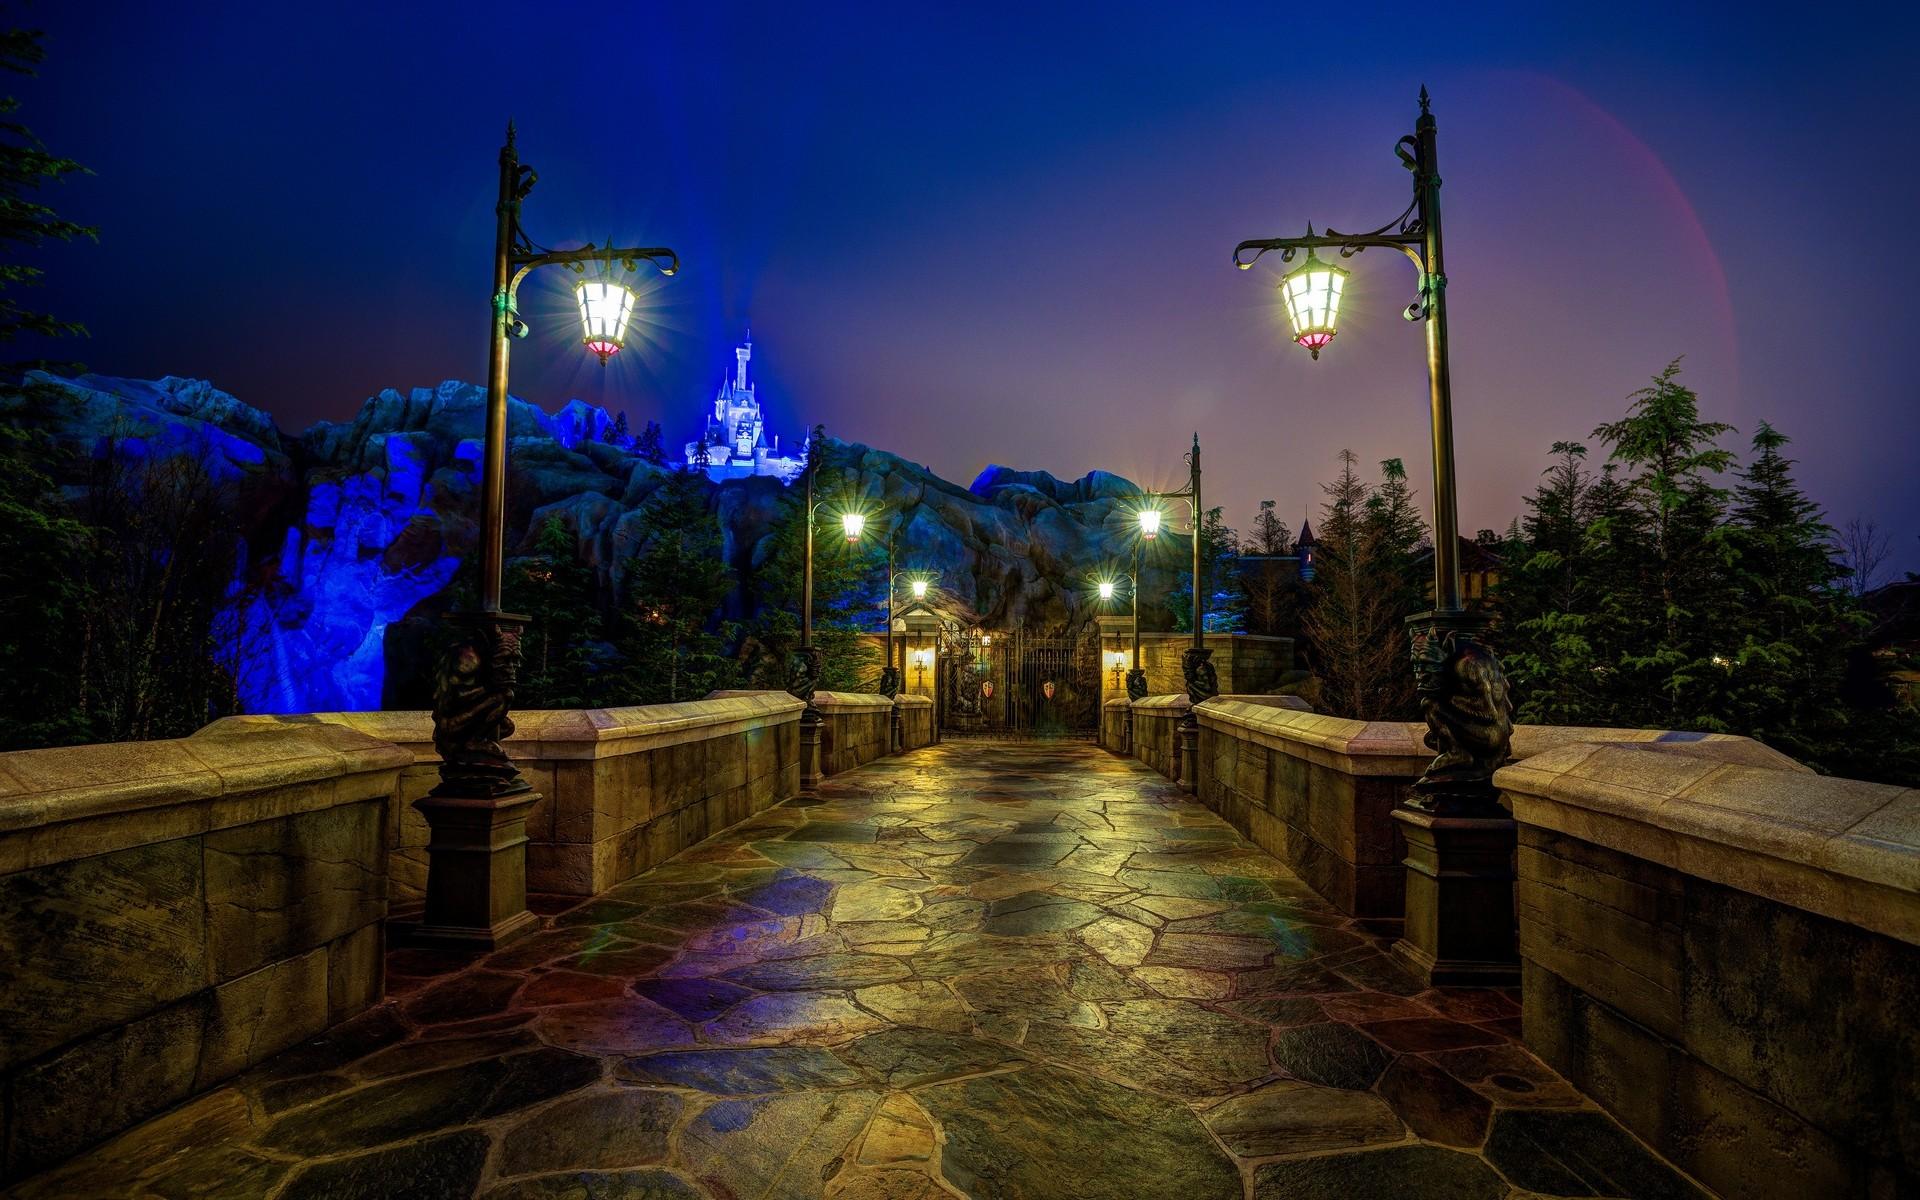 Magic Kingdom Usa Orlando Walt Disney World Grnt 123189 1920x1200